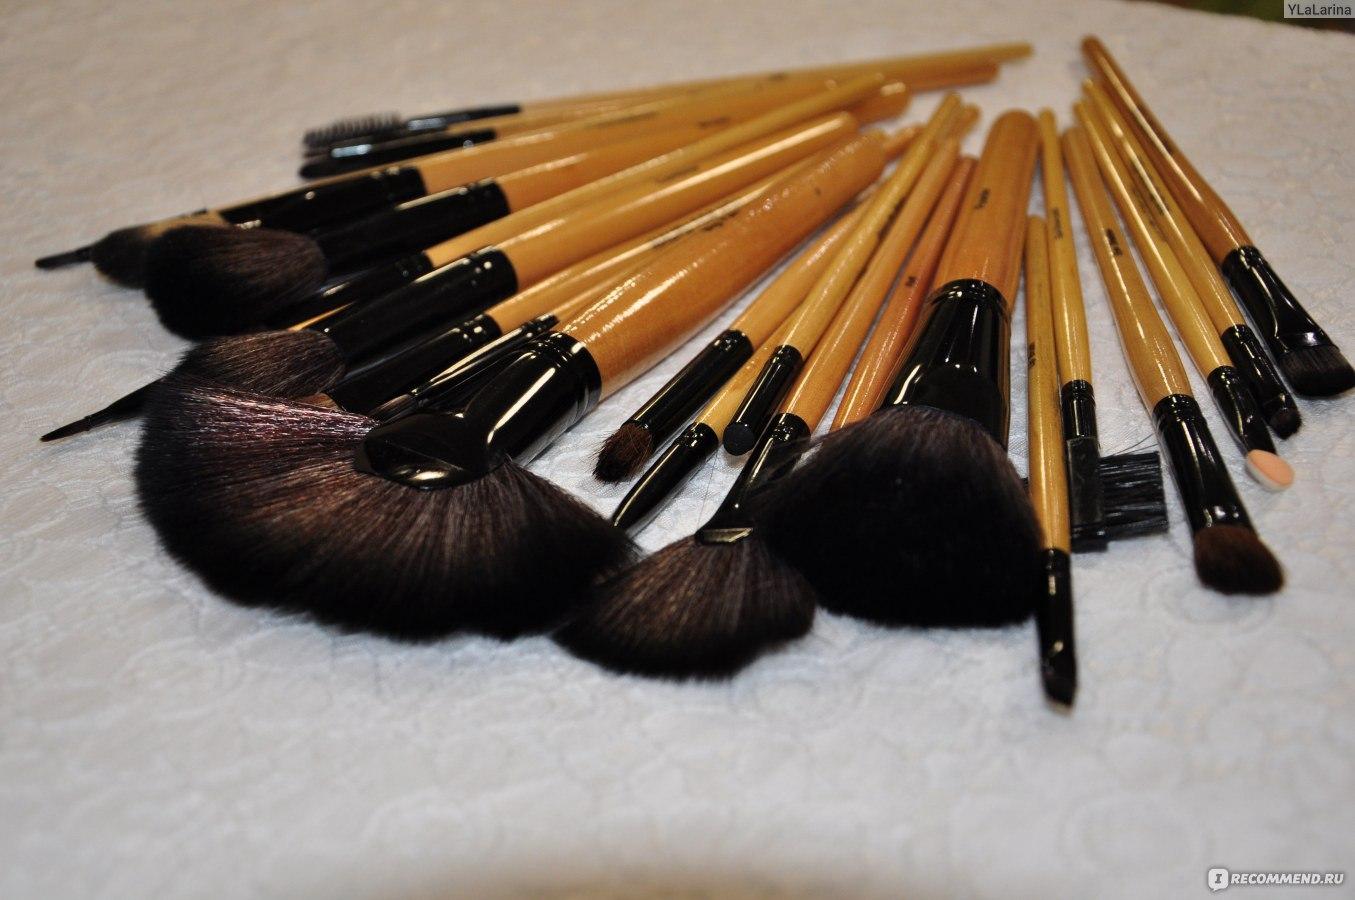 Кисти для макияжа алиэкспресс отзывы